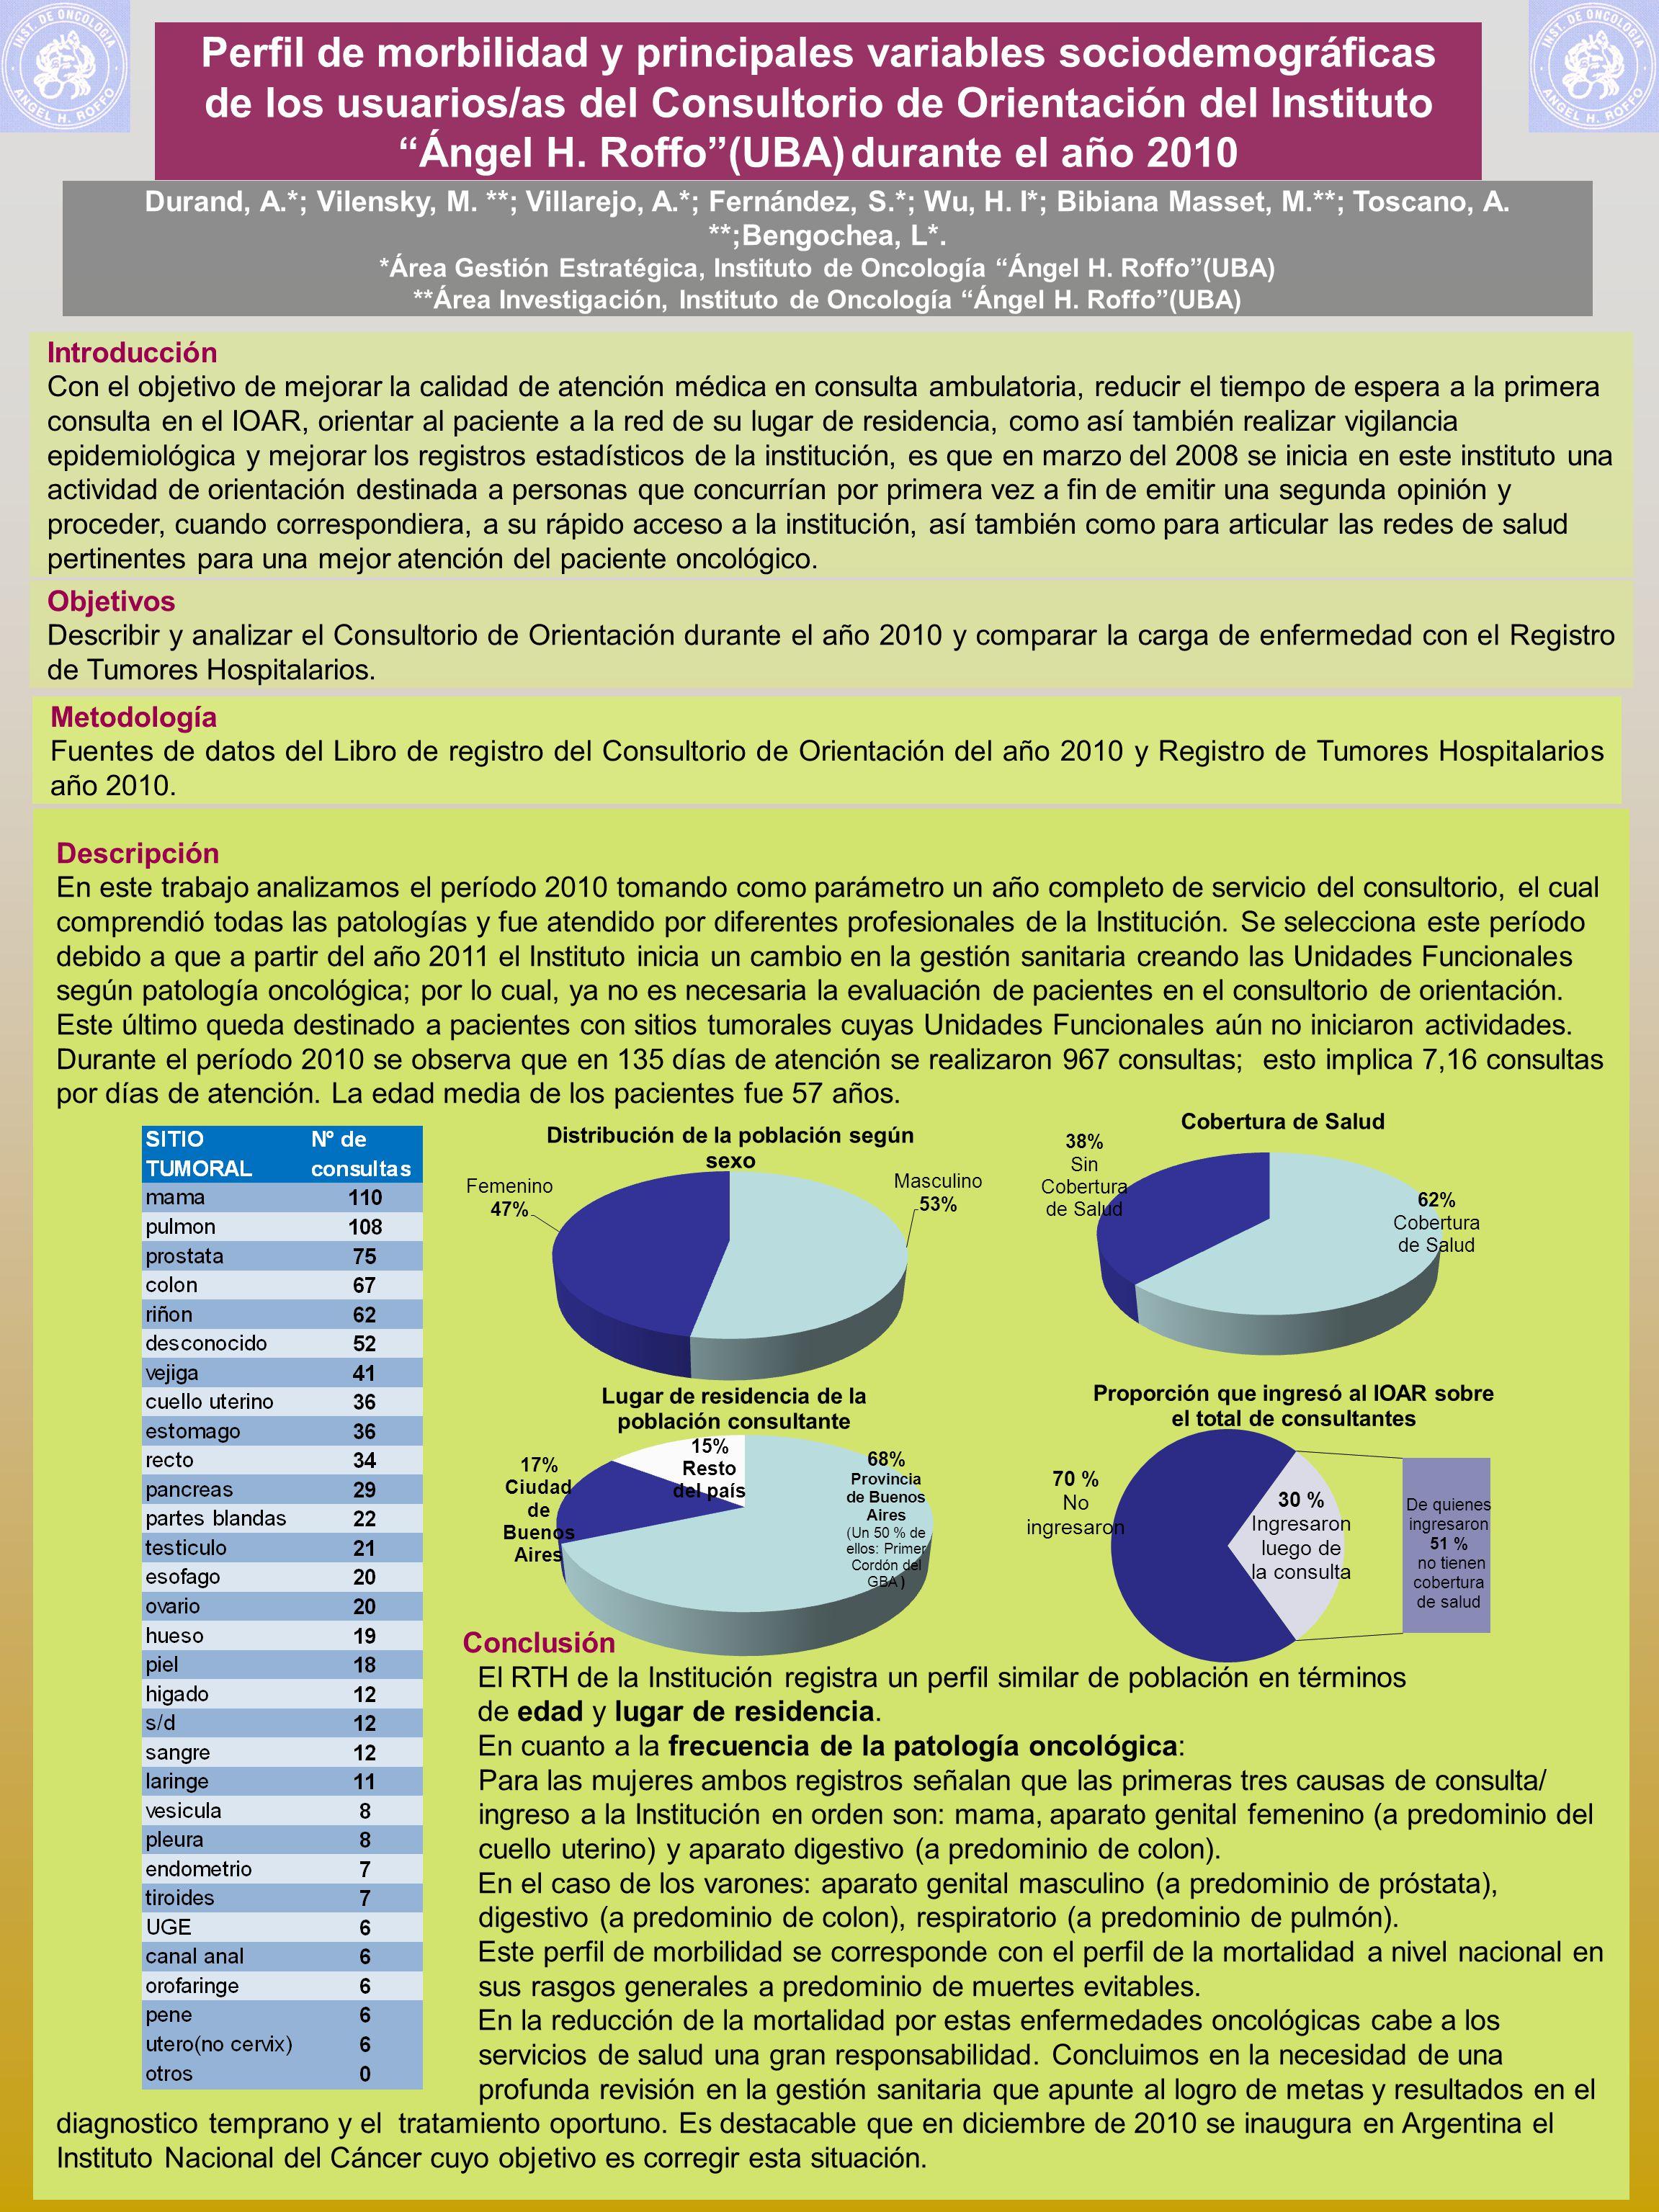 Perfil de morbilidad y principales variables sociodemográficas de los usuarios/as del Consultorio de Orientación del Instituto Ángel H.